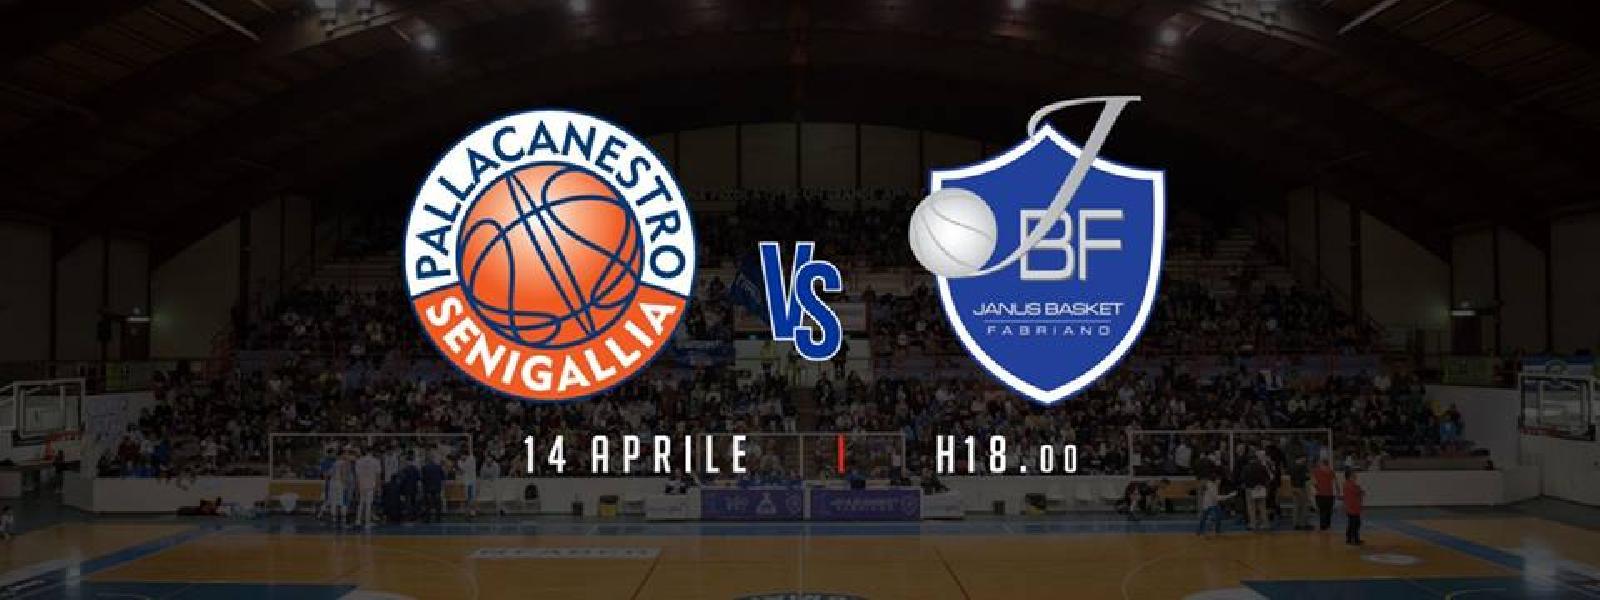 https://www.basketmarche.it/immagini_articoli/14-04-2019/pagelle-senigallia-fabriano-giacomini-ivan-morgillo-migliori-squadre-600.jpg